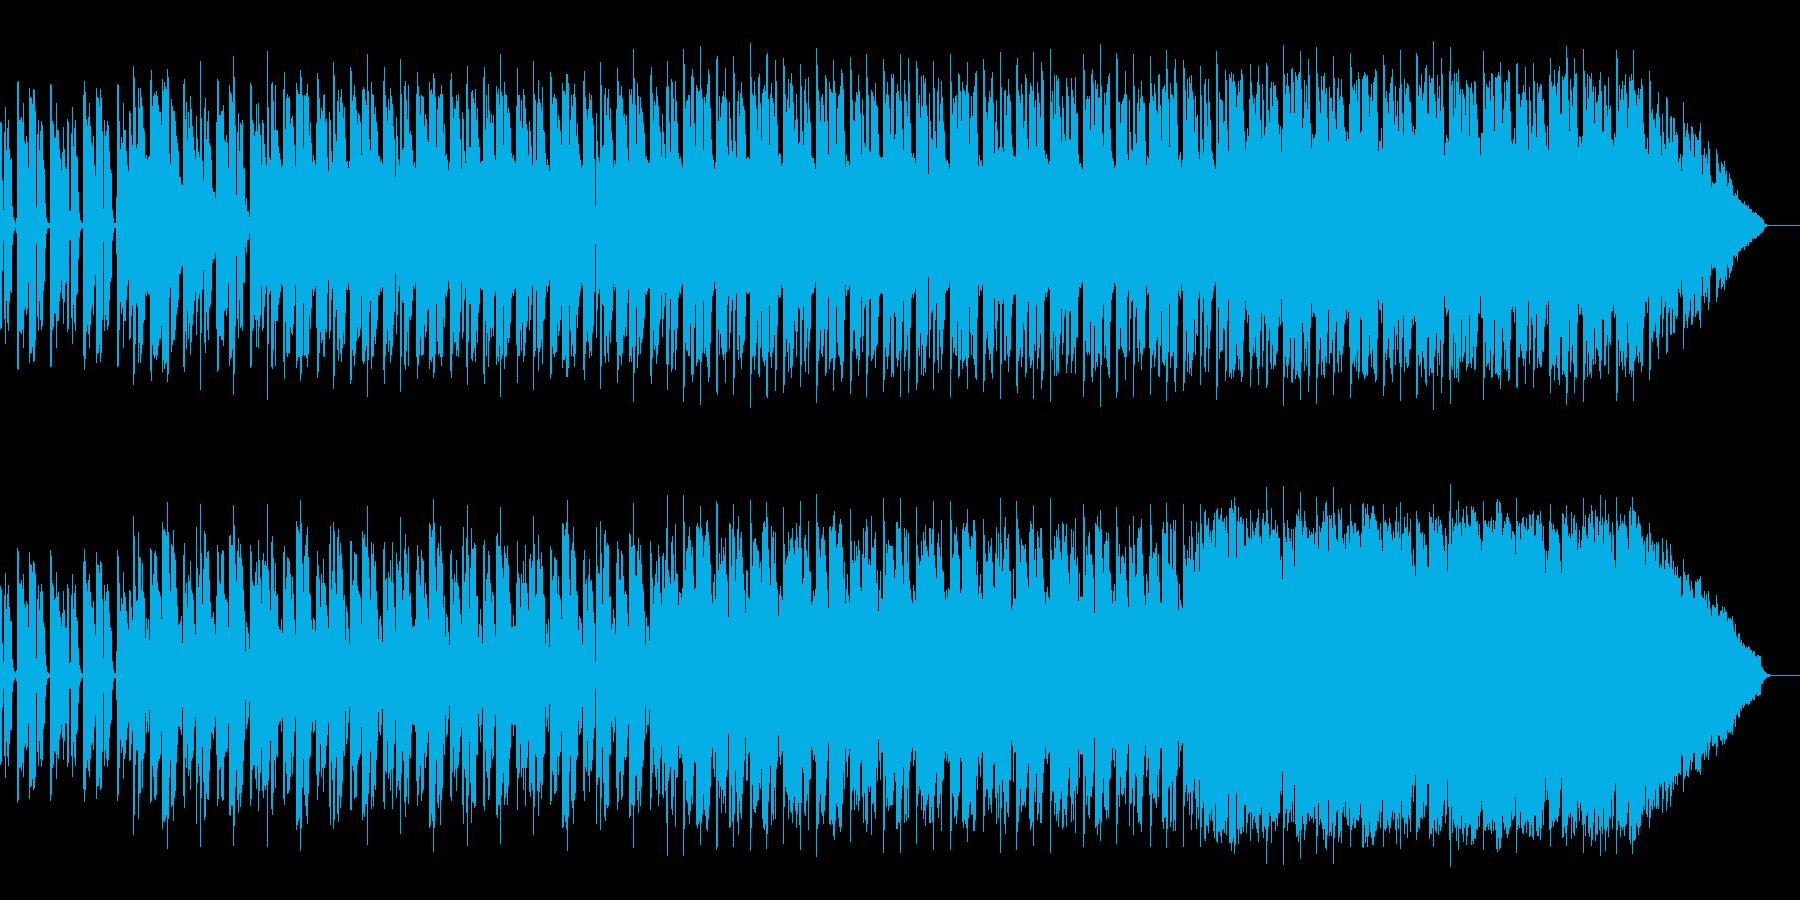 人の心の中の醜い声の再生済みの波形